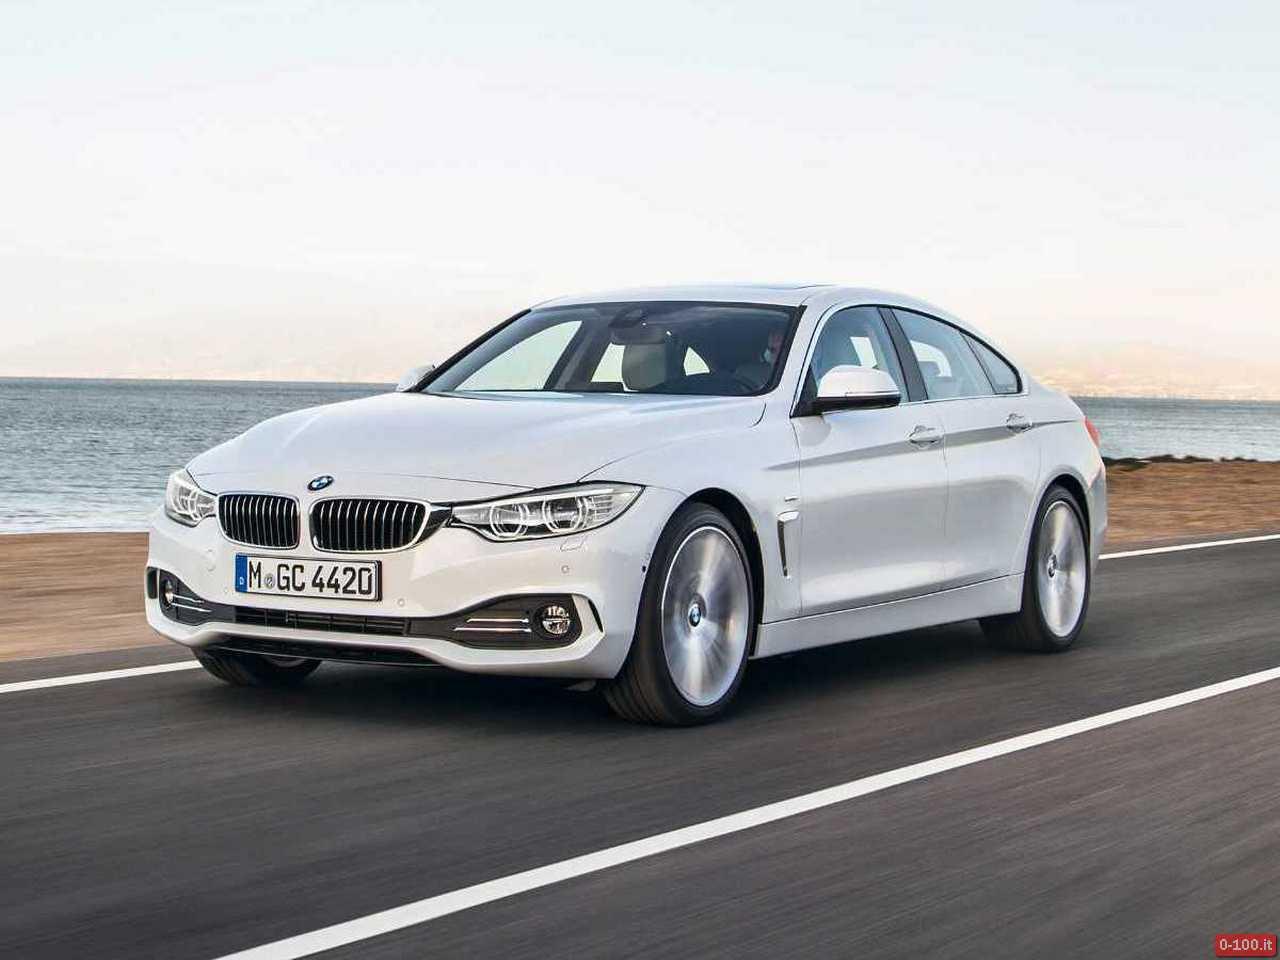 bmw-serie-4-gran-coupe-prezzo-price-ginevra-geneve-2014-0-100_78